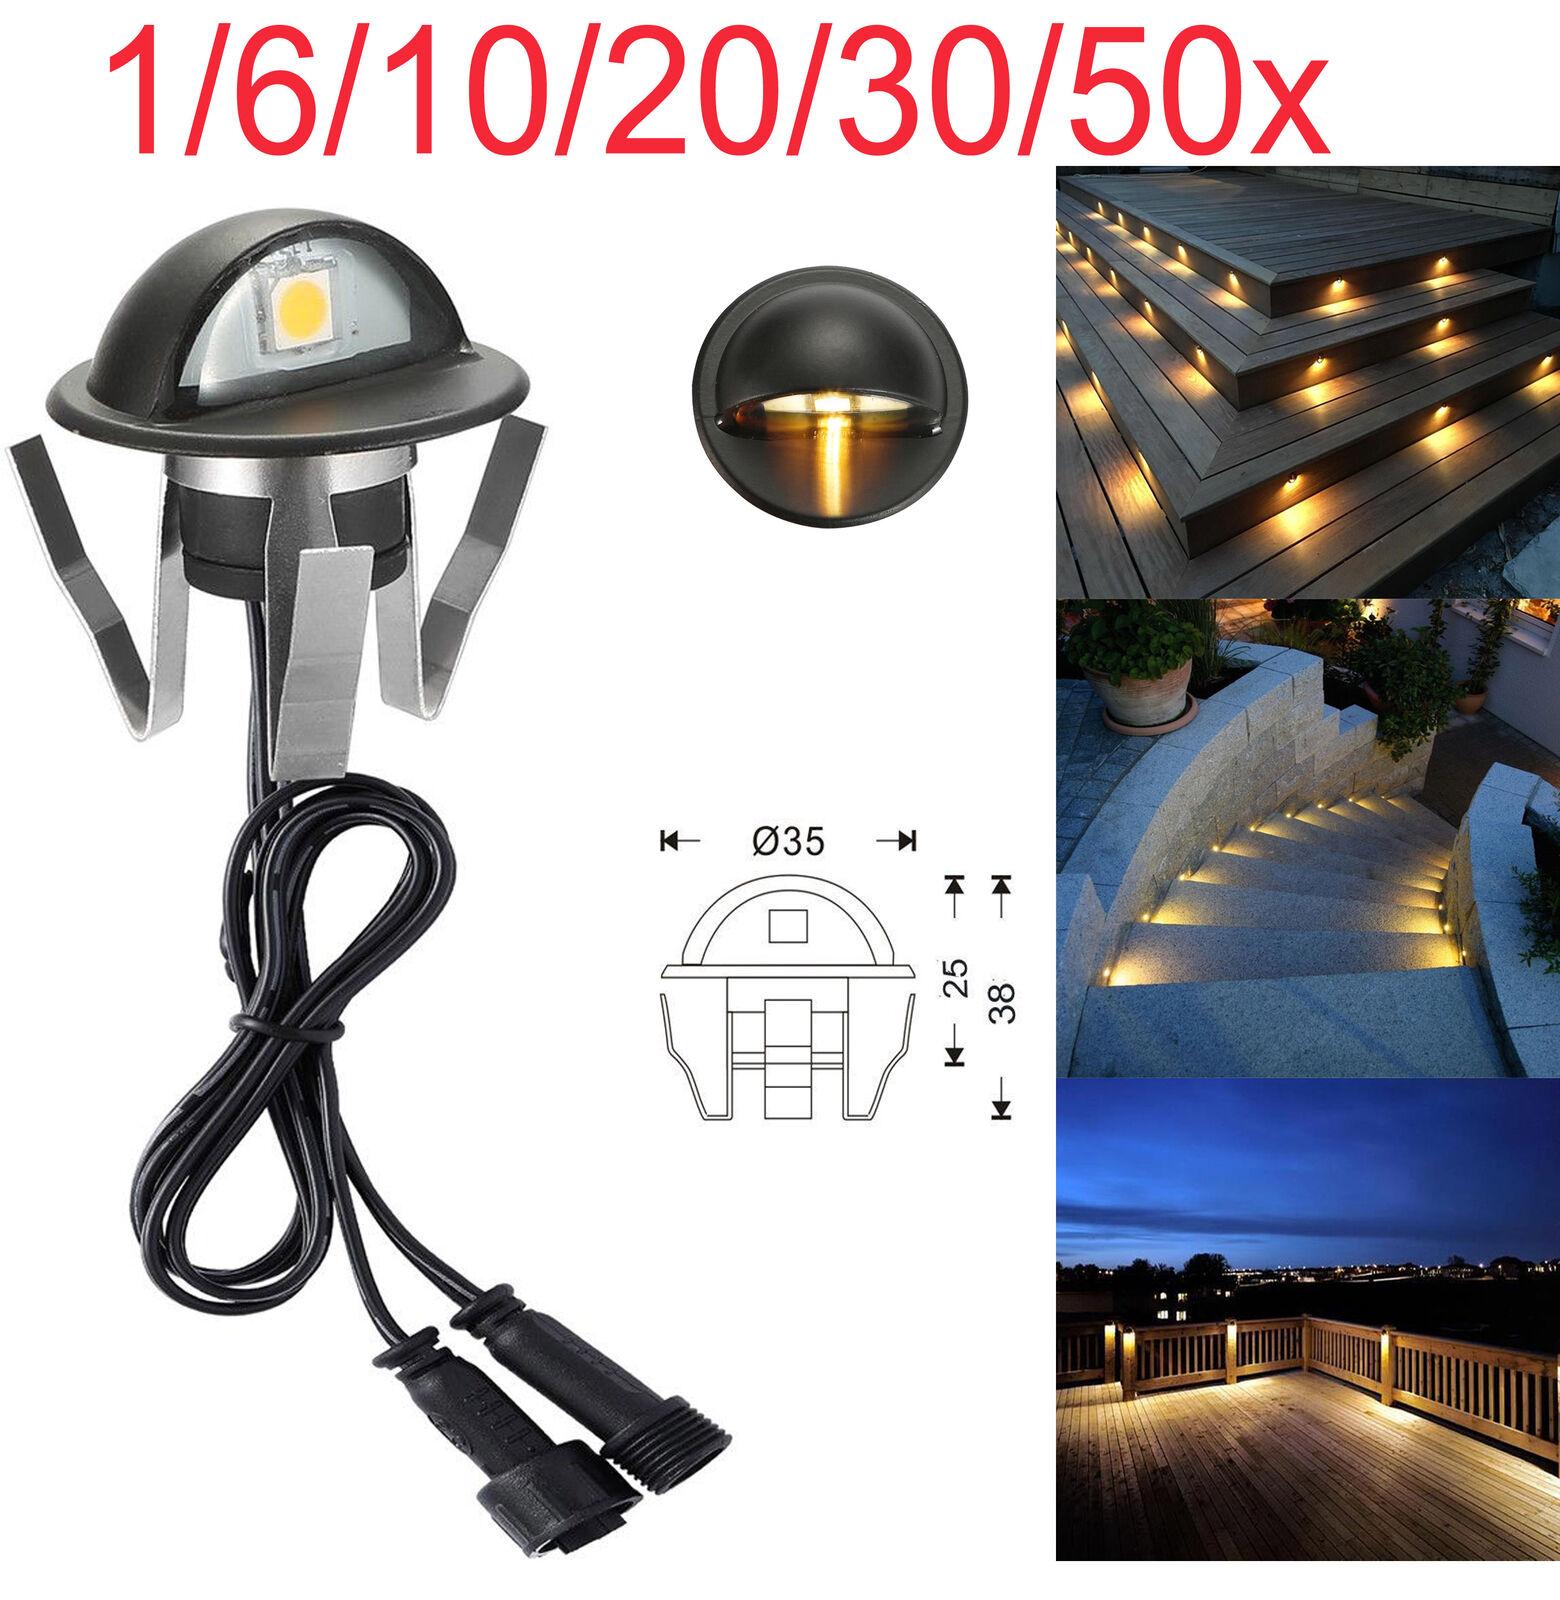 10 20 30 50X 12 V Negro camino al aire libre de media luna LED de luces de valla de cubierta escalones